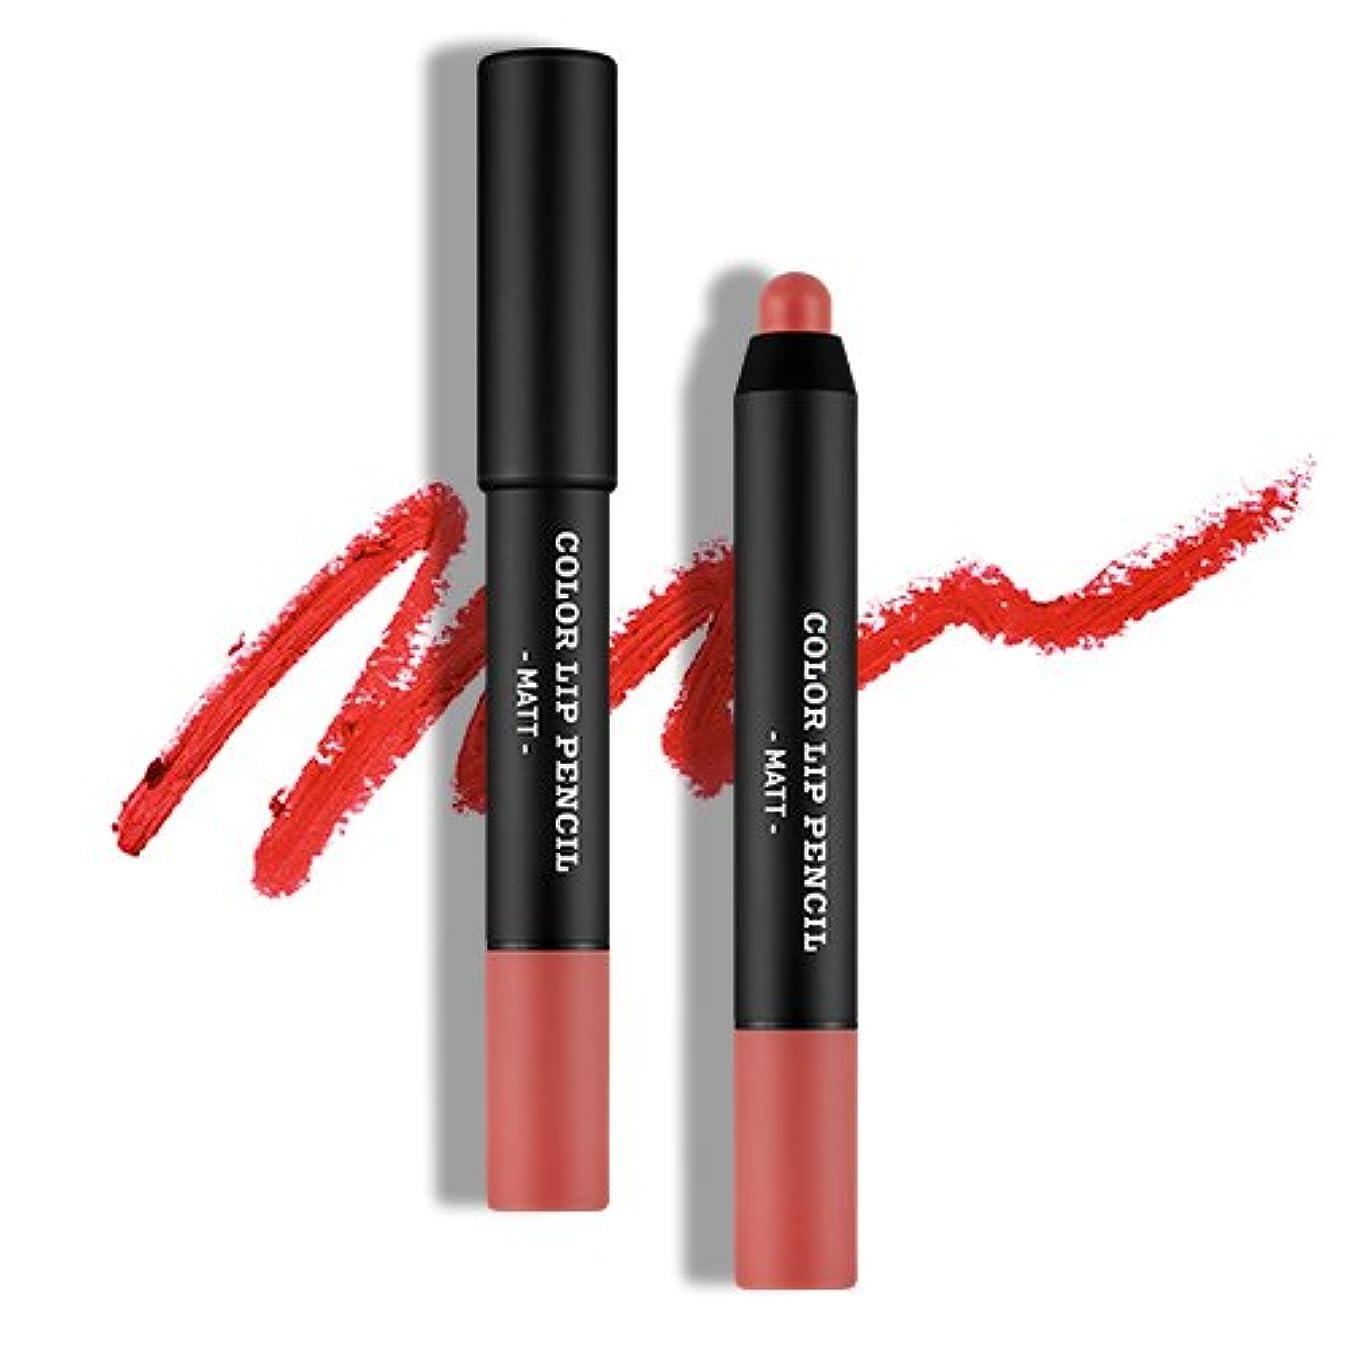 二度逸脱うれしい[韓国コスメ Apieu] [オピュ] カラーリップペンシル(マット) [Apieu] Color Lip Pencil(Matt) (CR01) [並行輸入品]